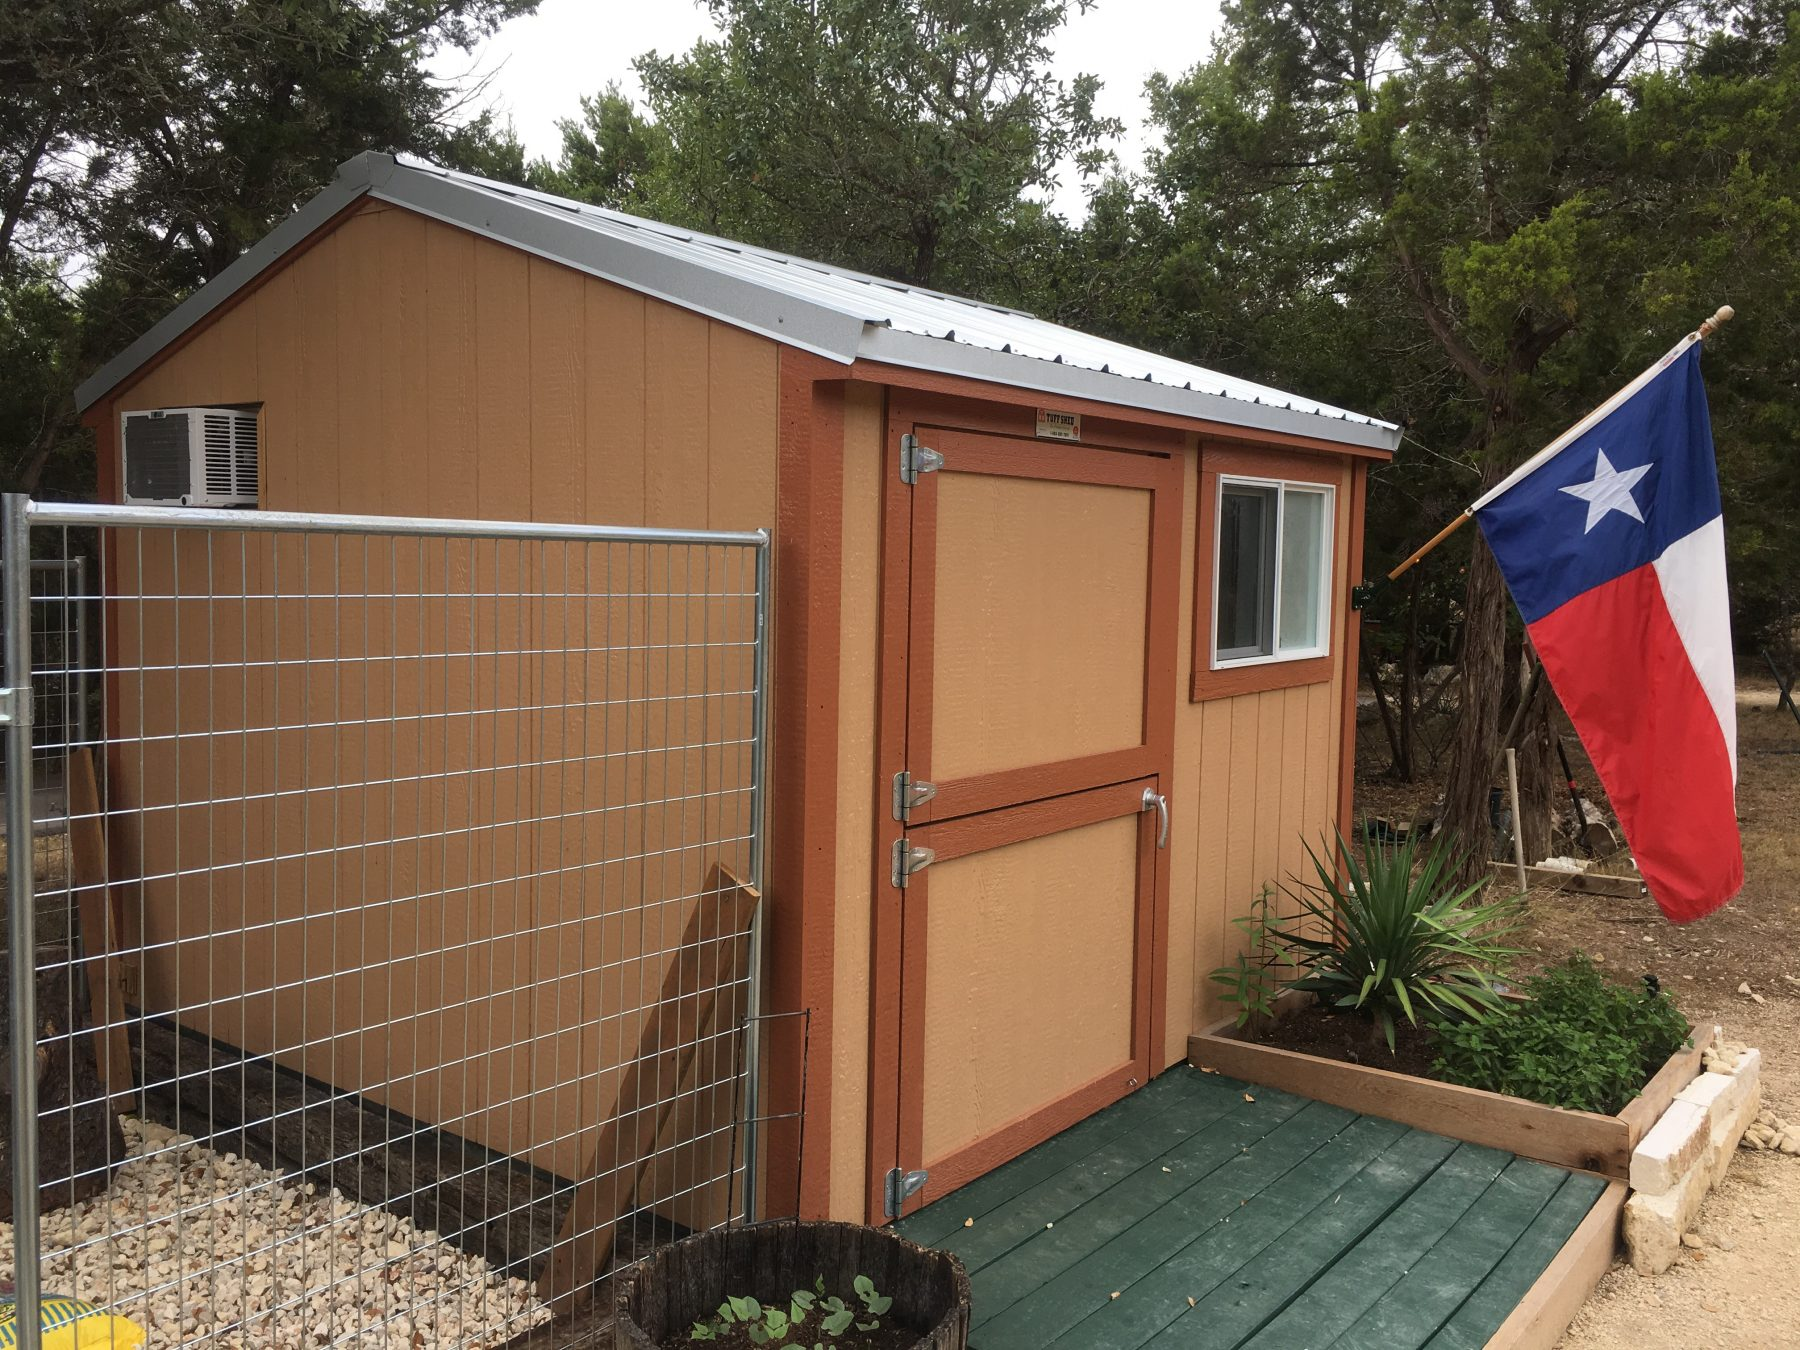 Fullsize Of The Dog House